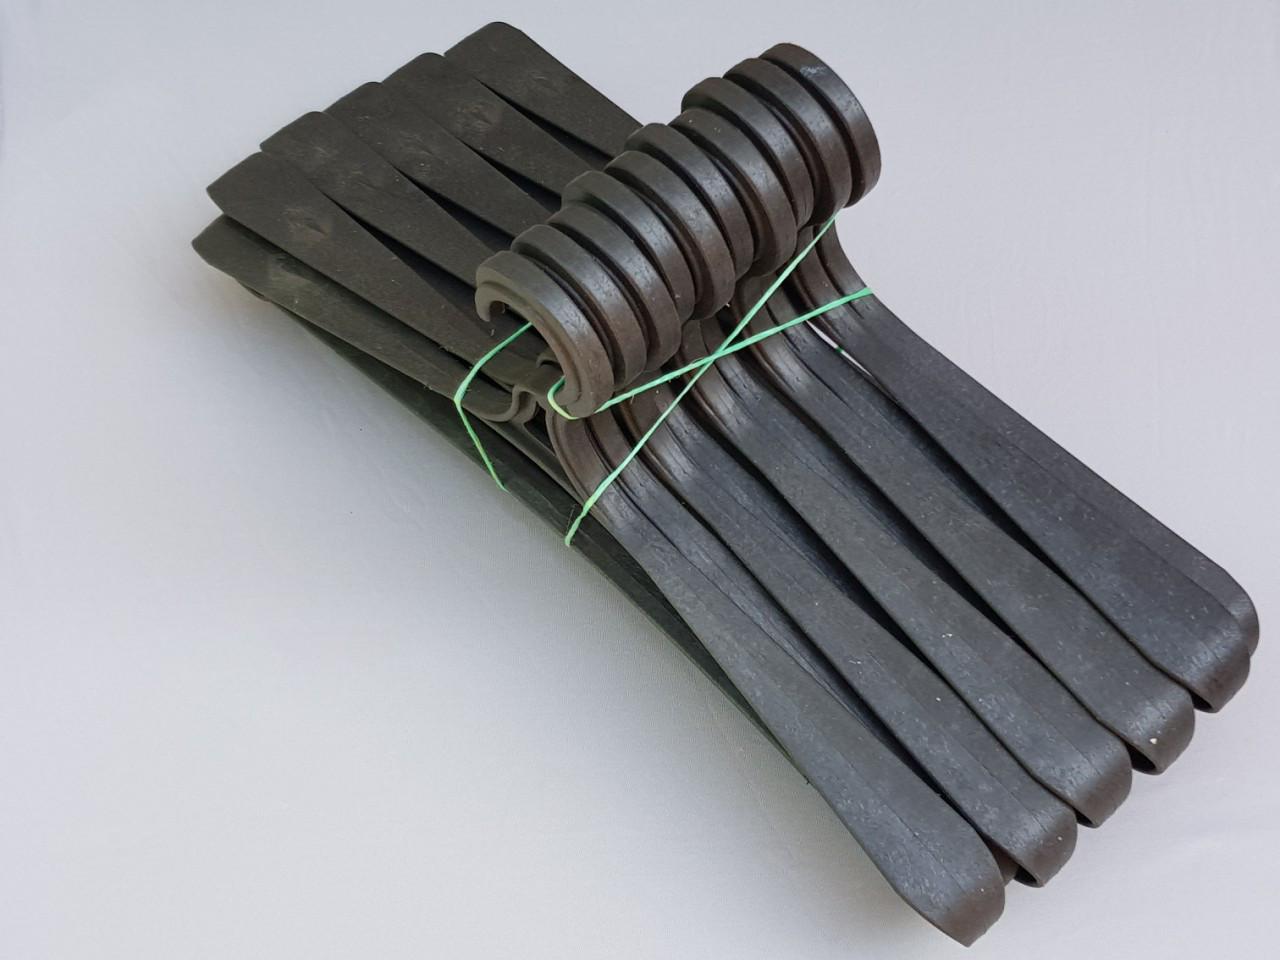 Длина 41 см. Плечики пластмассовые Гем-3 черные, 10 штук в упаковке